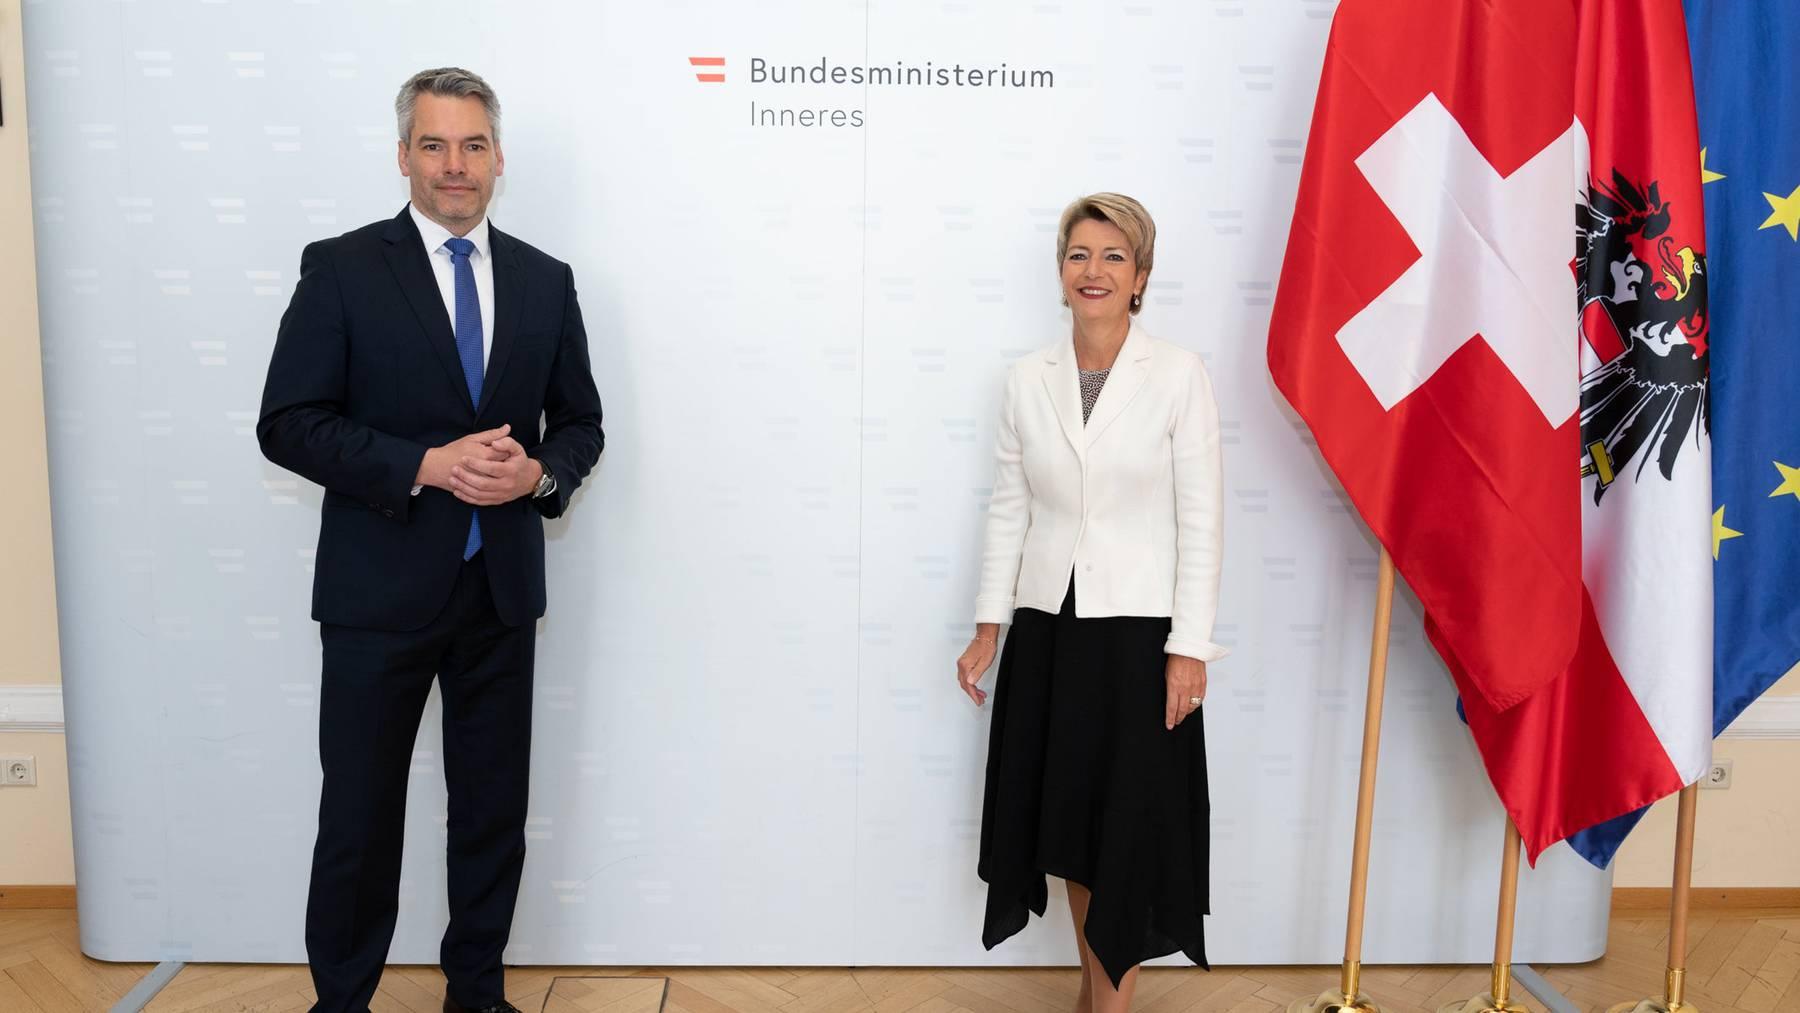 Bundesrätin Karin Keller-Sutter mit Karl Nehammer.